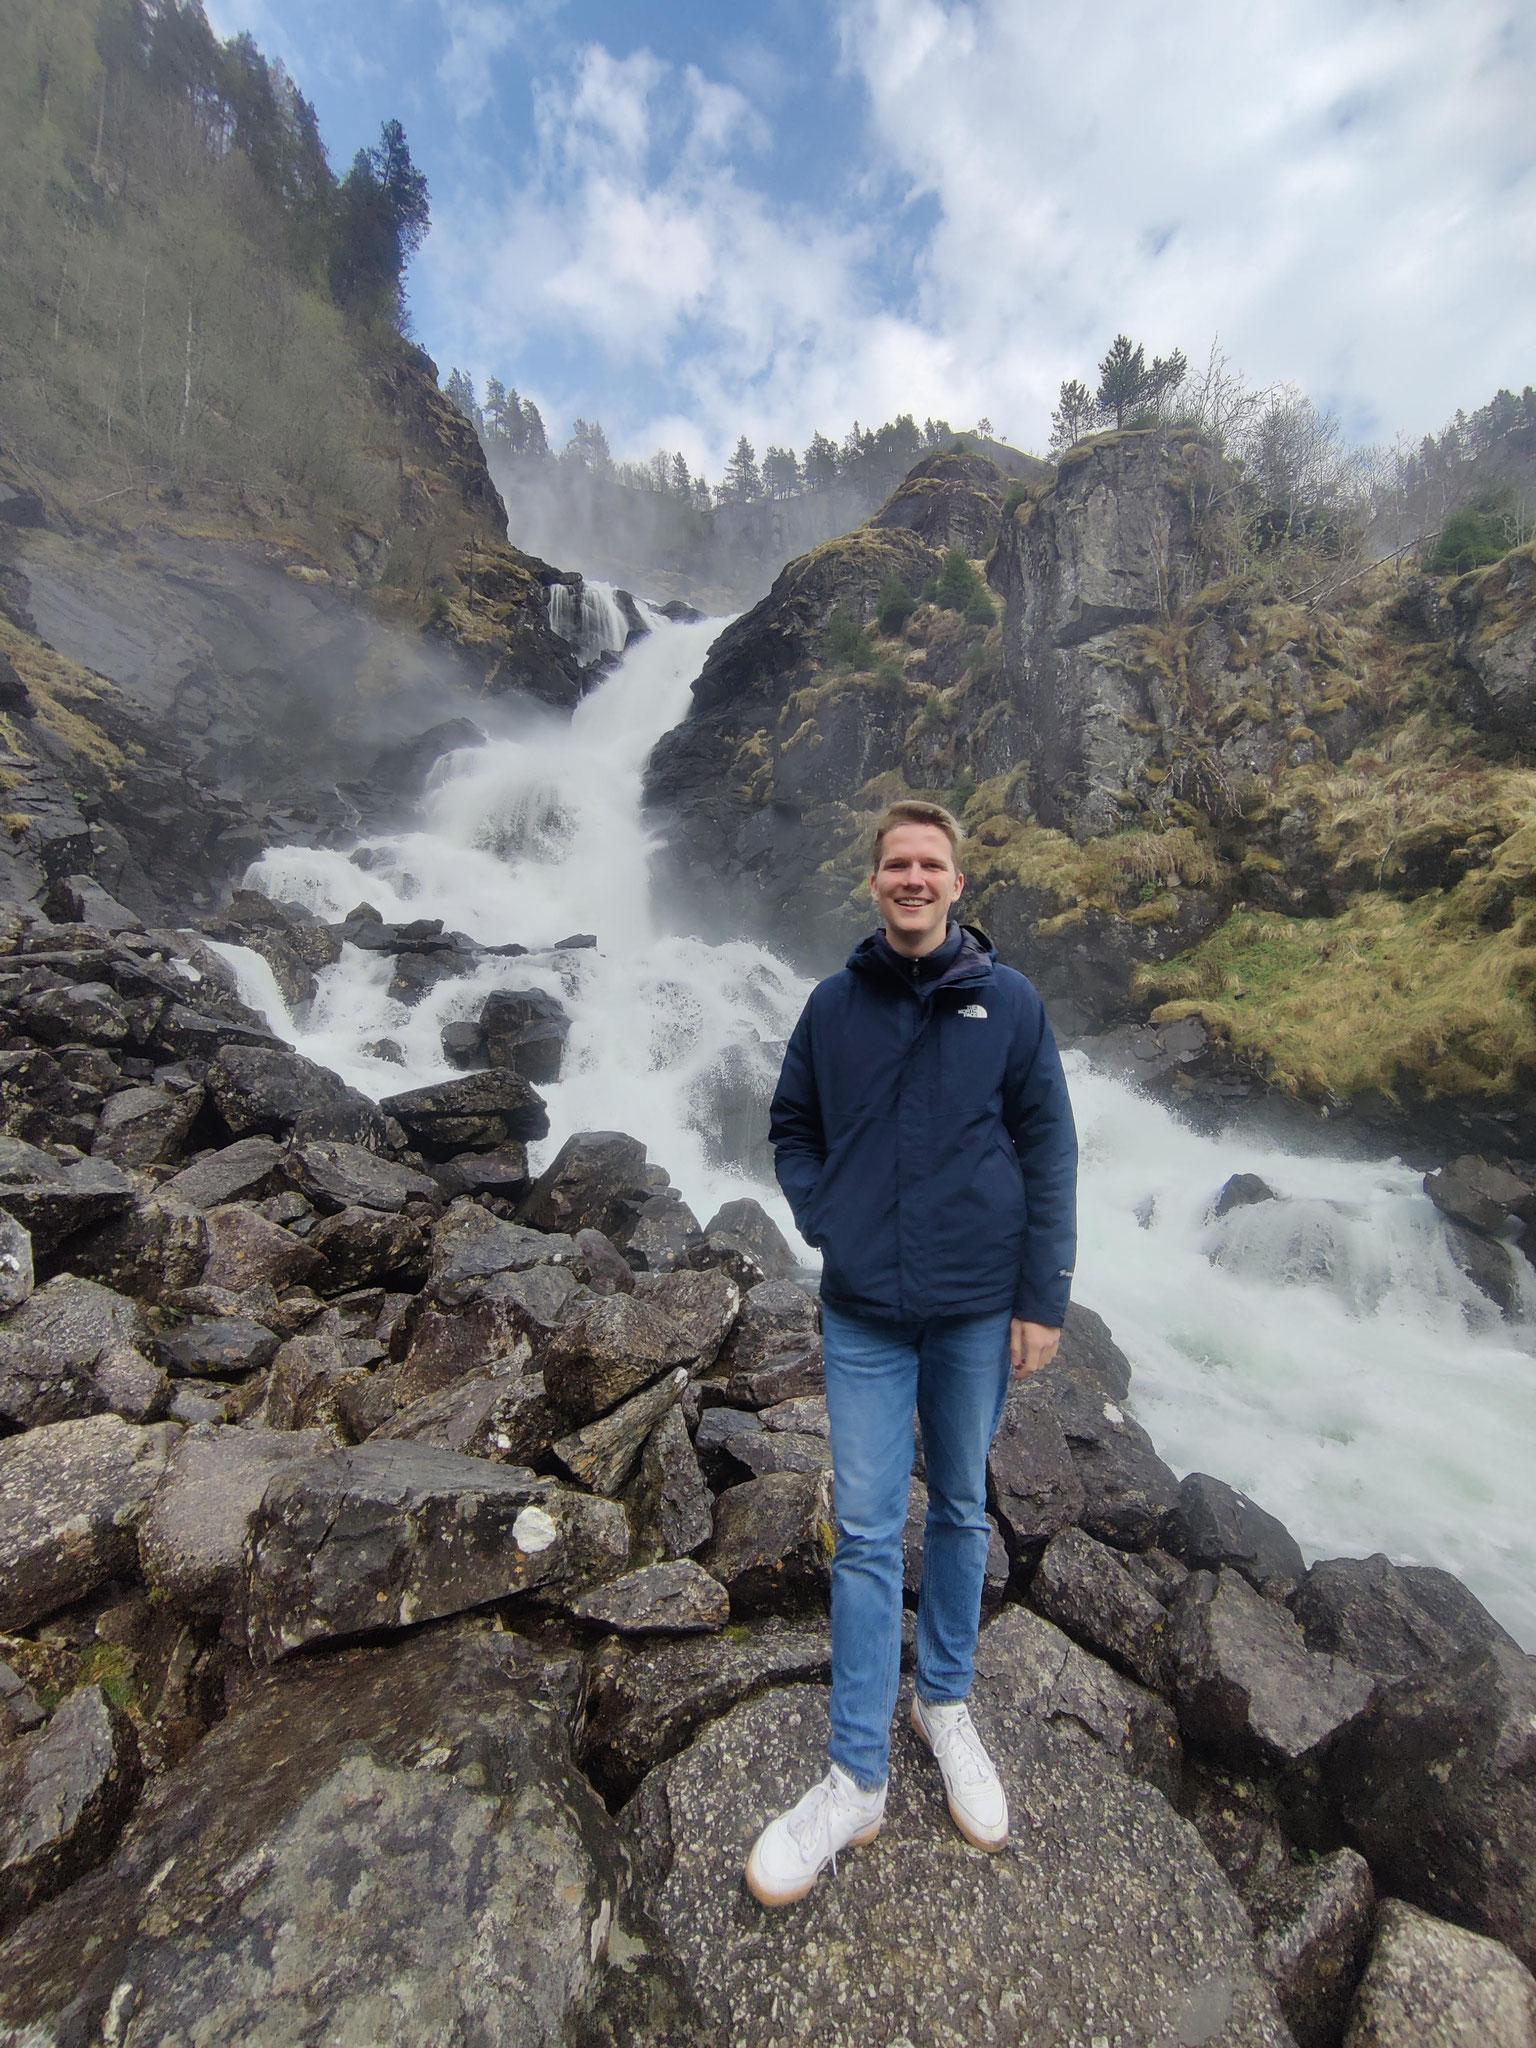 Paul bei seinem Wasserfall-Halt auf dem Weg zum Hardanger-Nationalpark